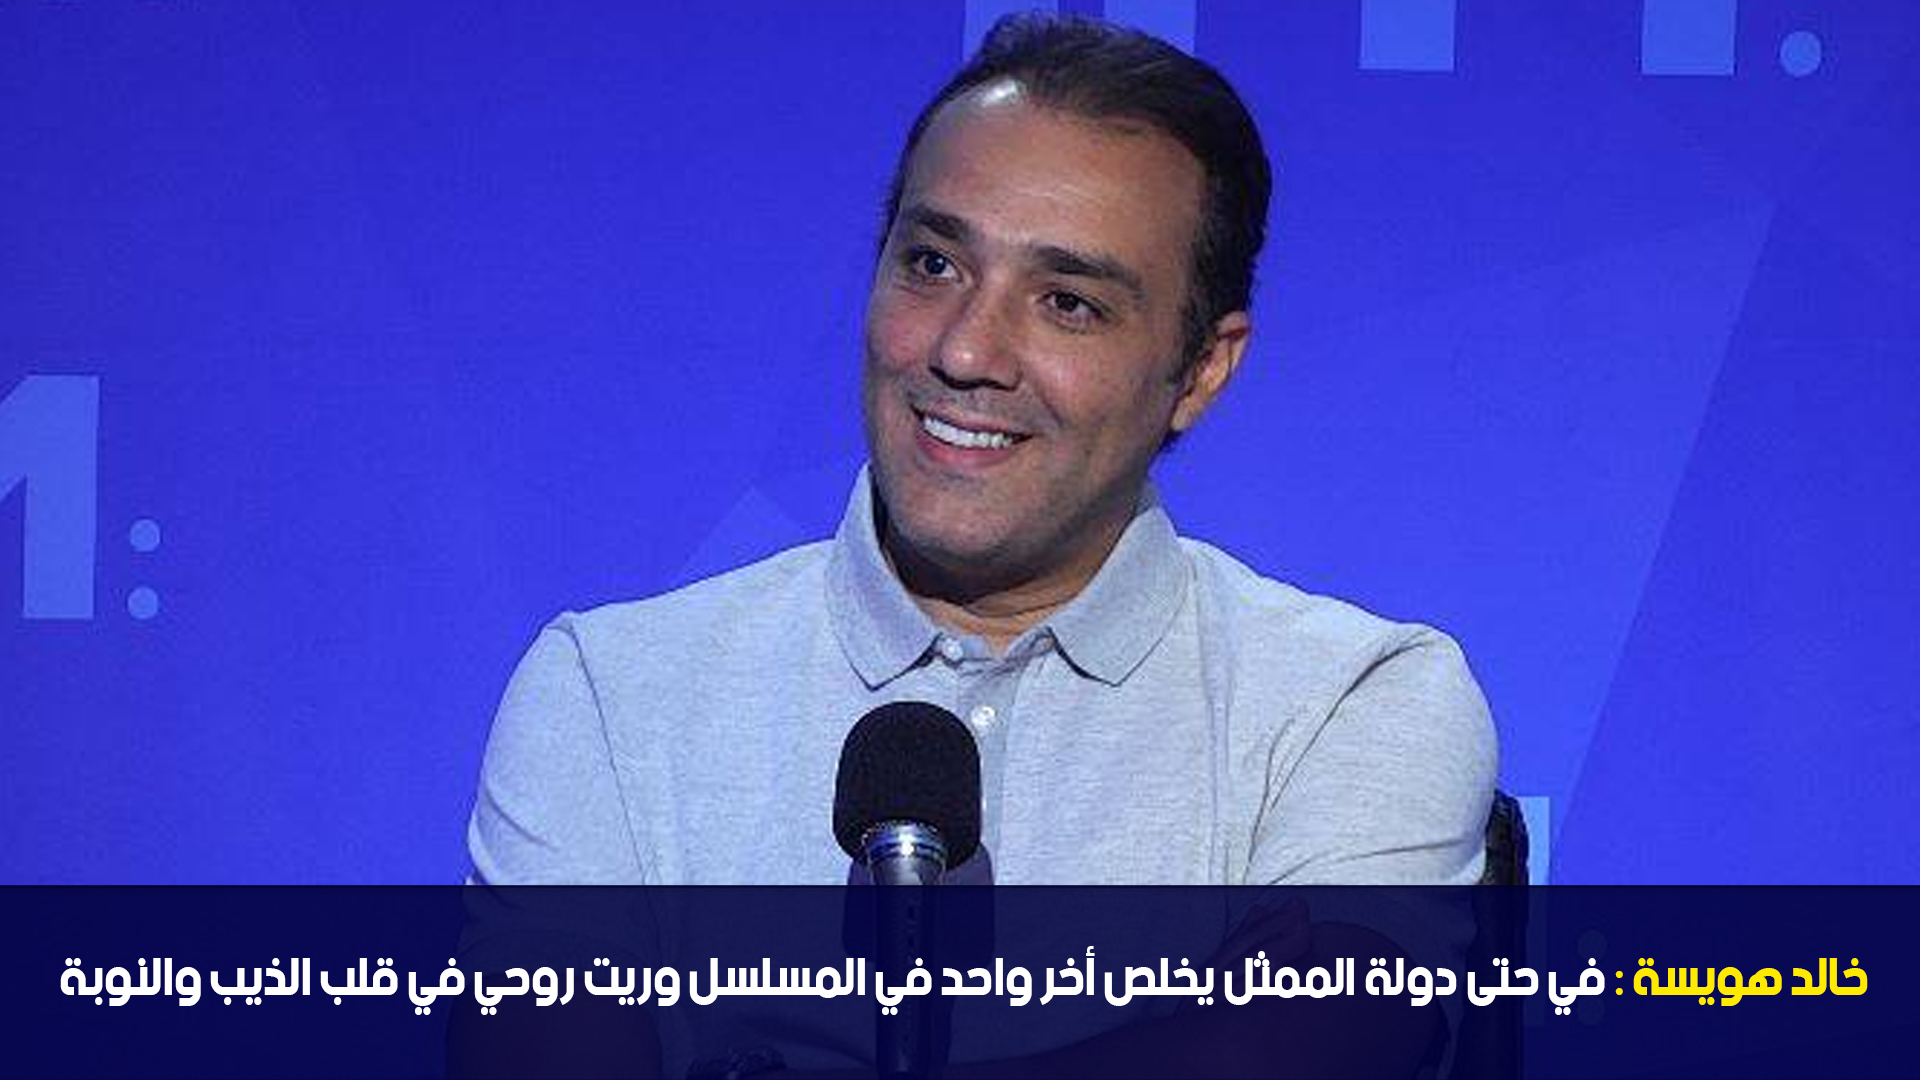 خالد هويسة : في حتى دولة الممثل يخلص أخر واحد في المسلسل وريت روحي في قلب الذيب والنوبة